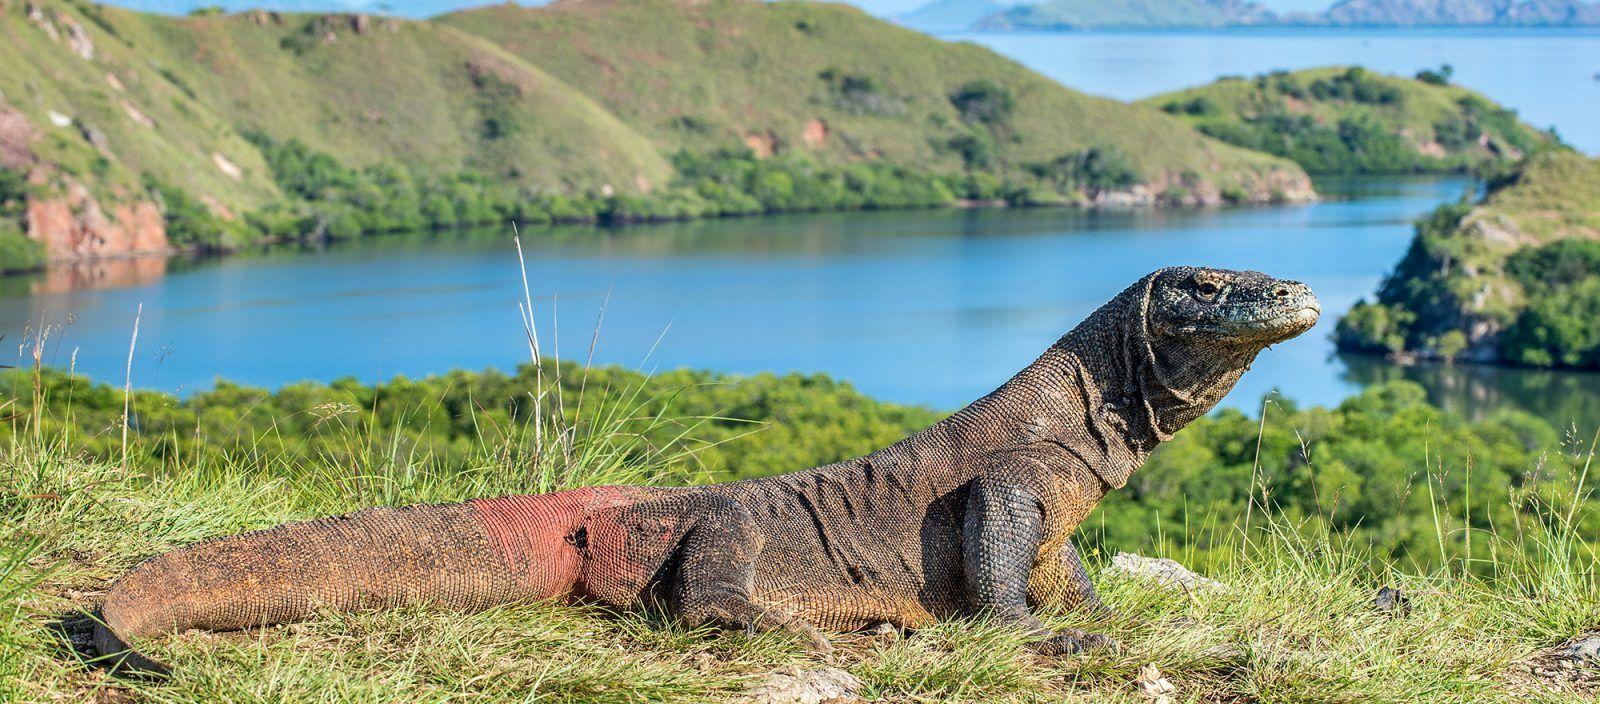 Komodo Dragon | Earth Day